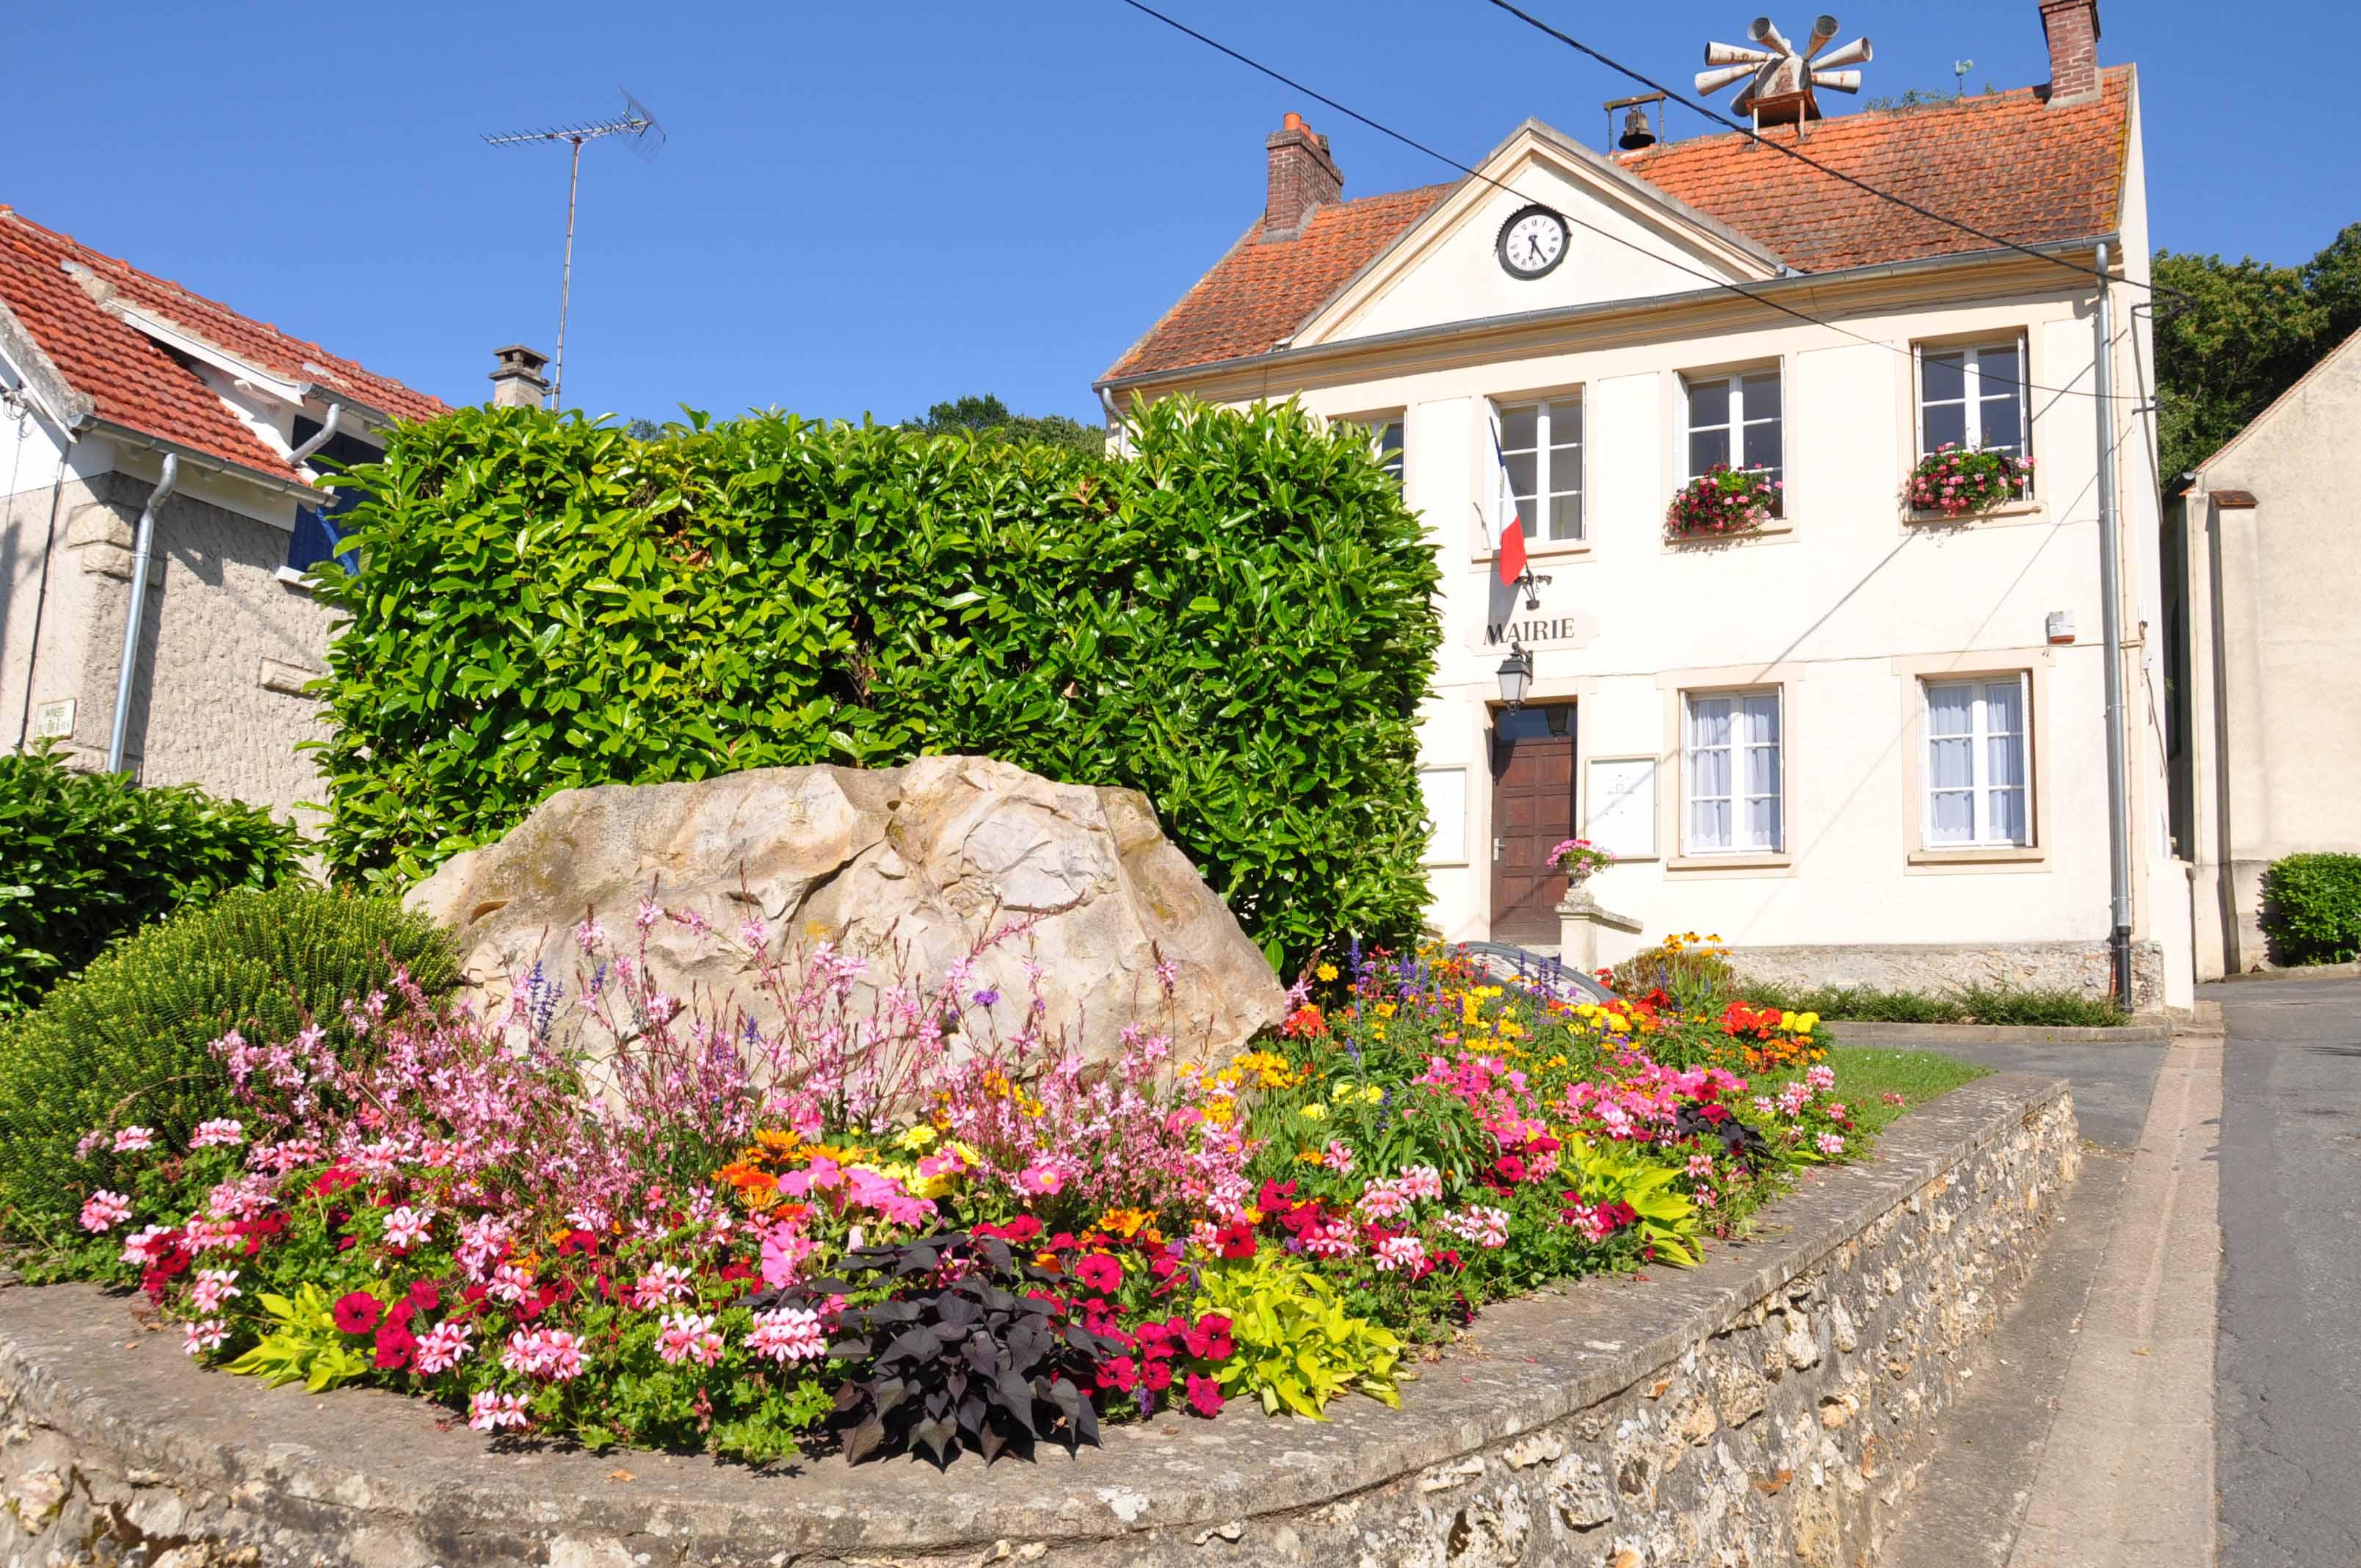 Village fleuri - Béthemont-la-Forêt